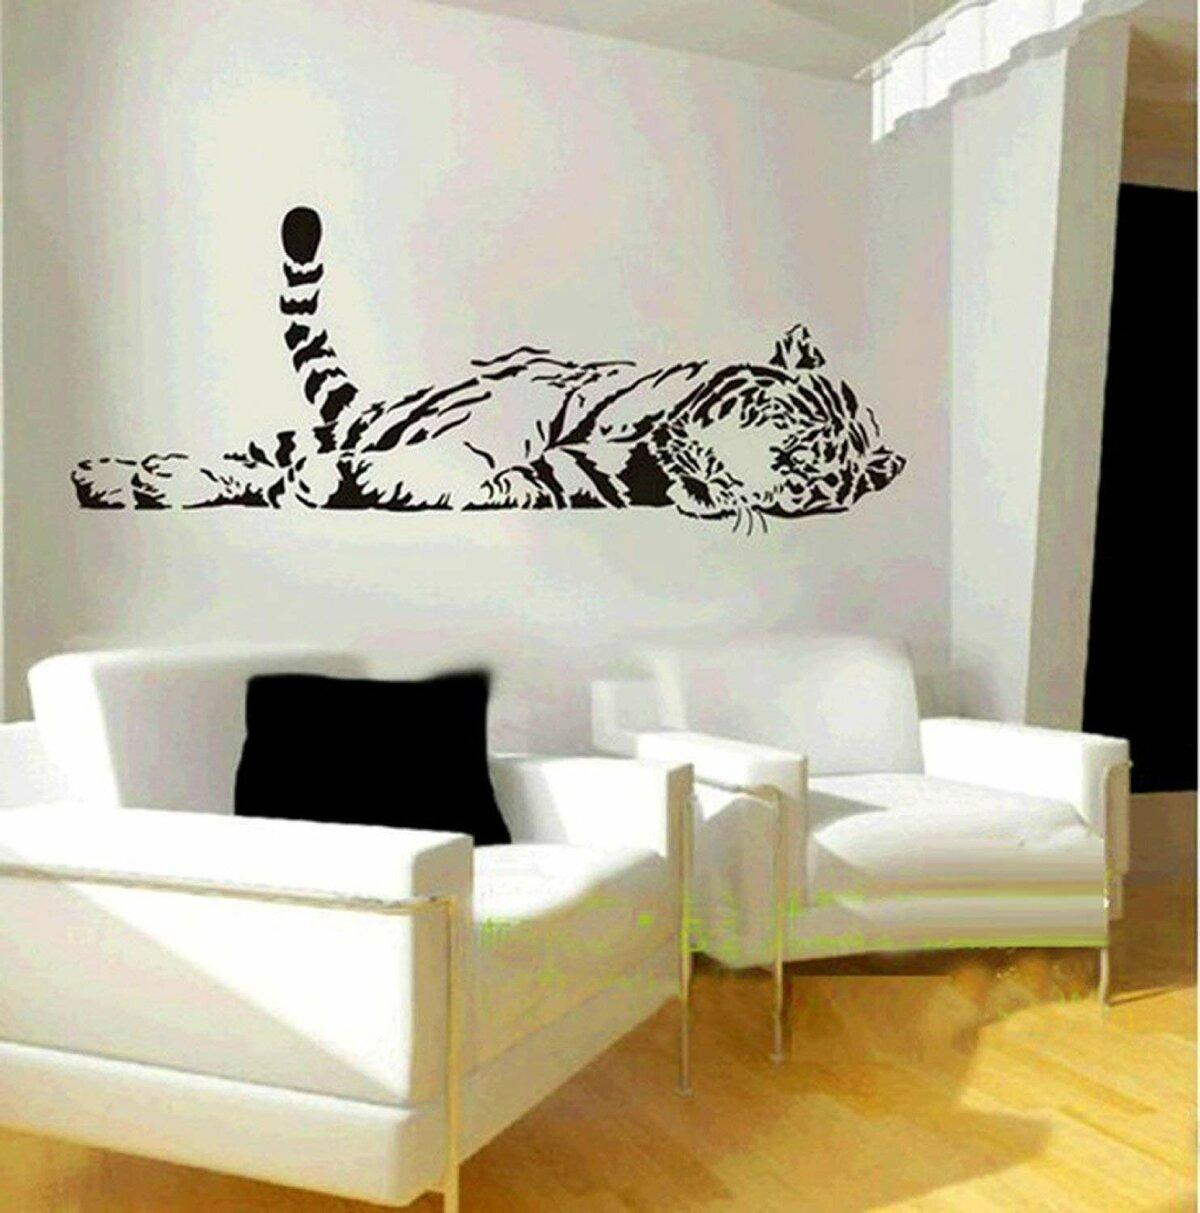 нас рисунки черно белые на стене в квартире своими руками фото мечтала играть